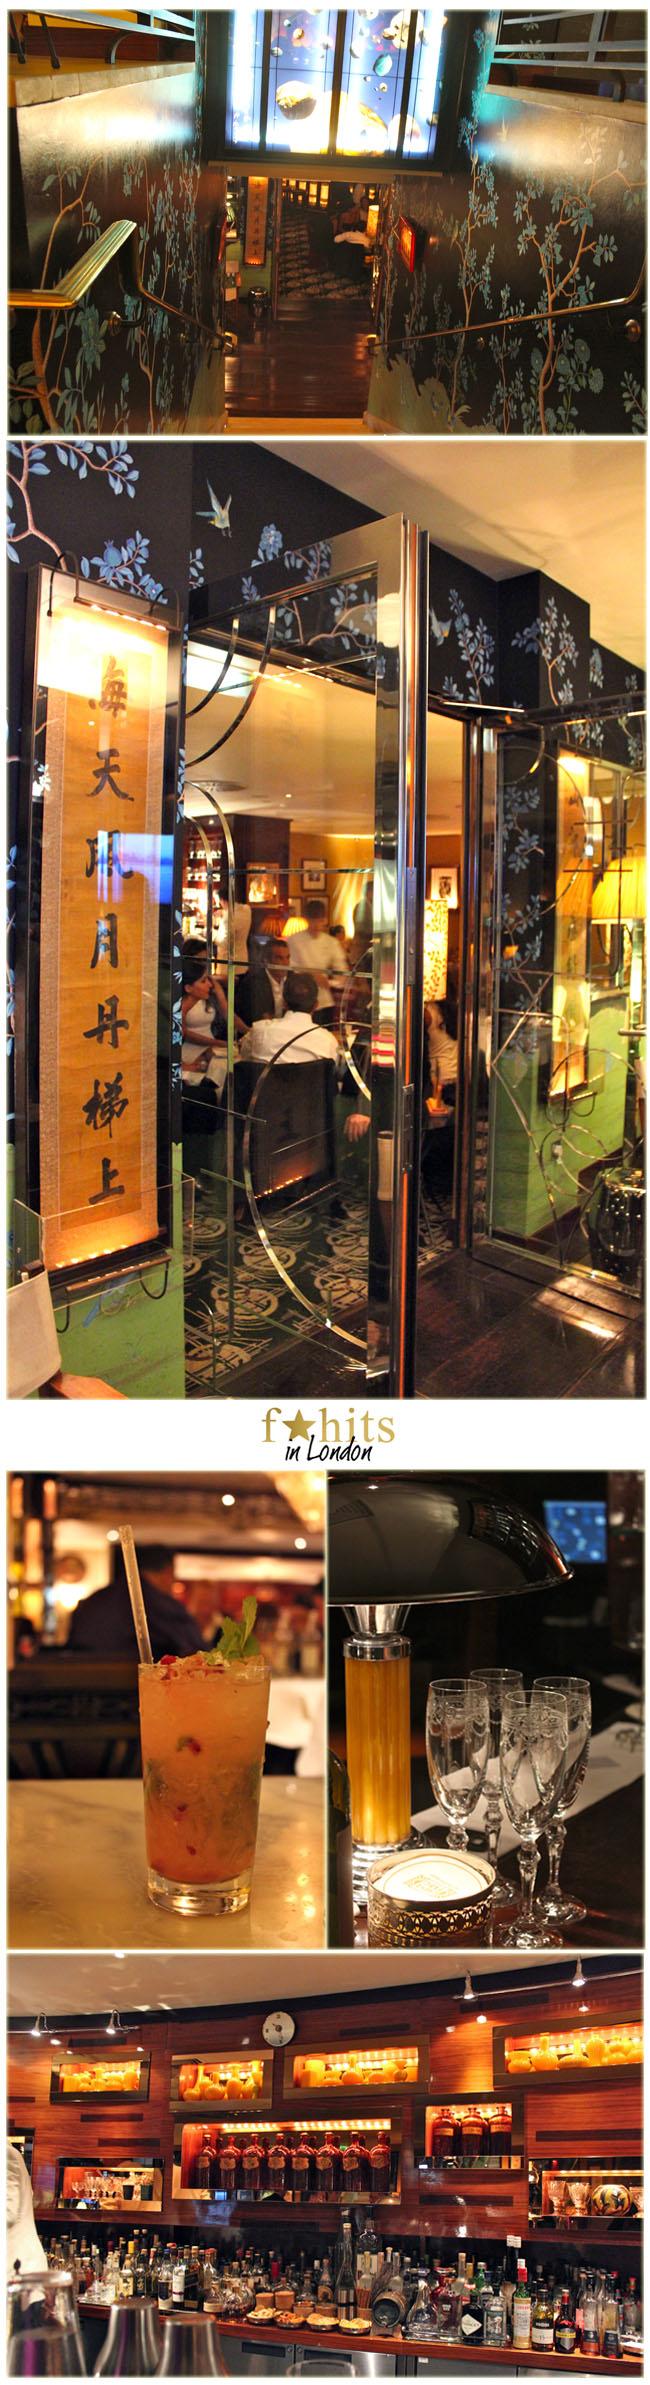 china tang, hotel dorchester, londres, restaurantes em londres, dicas de londres, fhits, semana de moda, leblog,